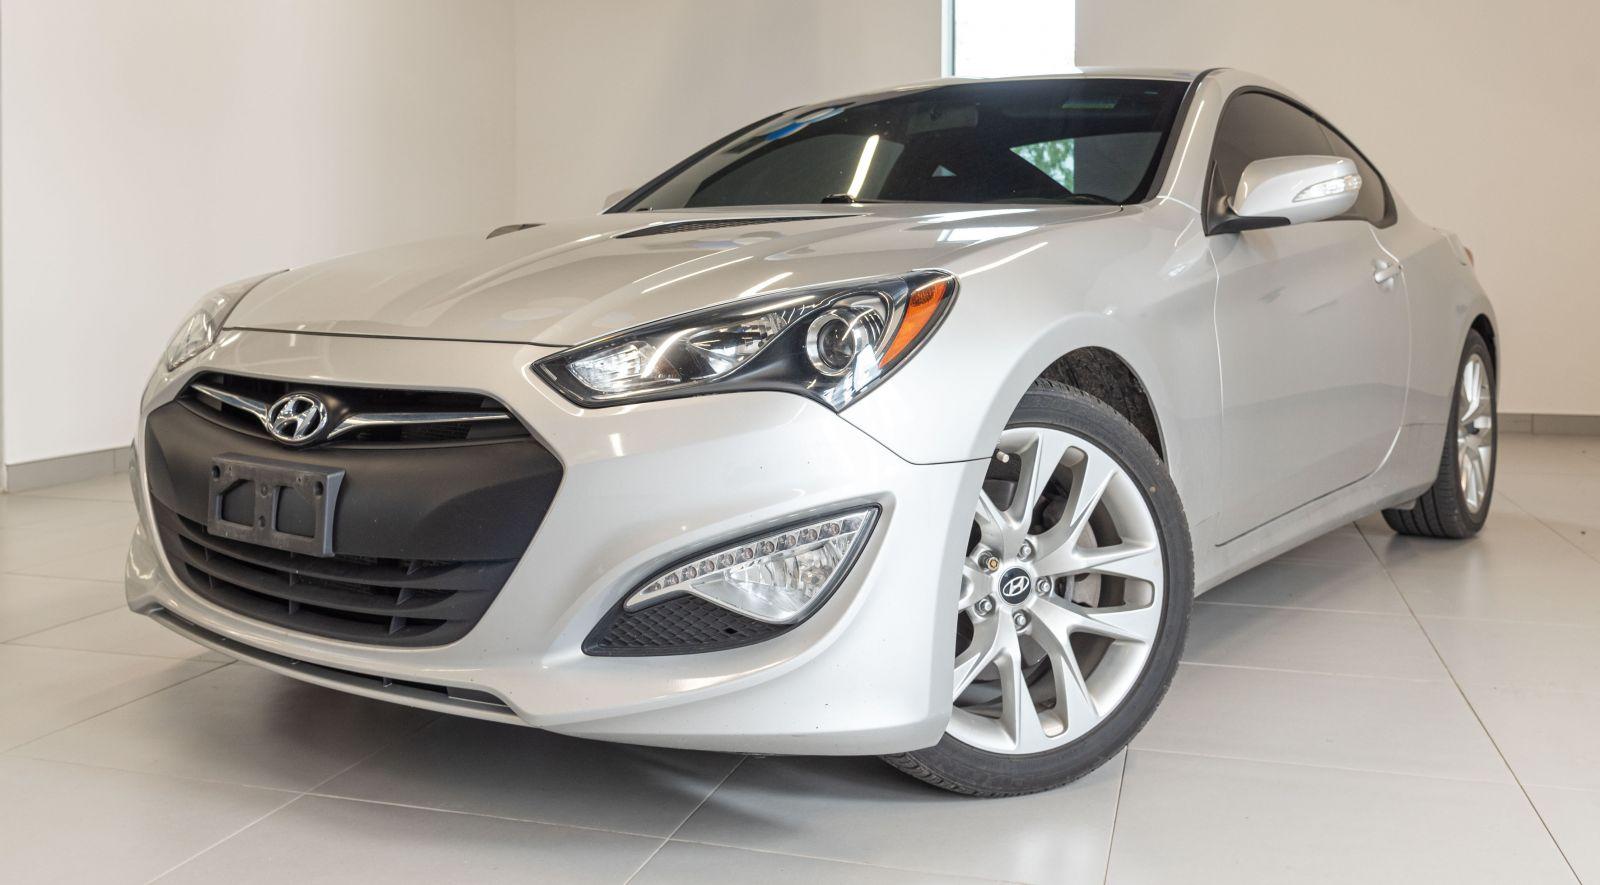 2016 Hyundai Genesis Coupe Image